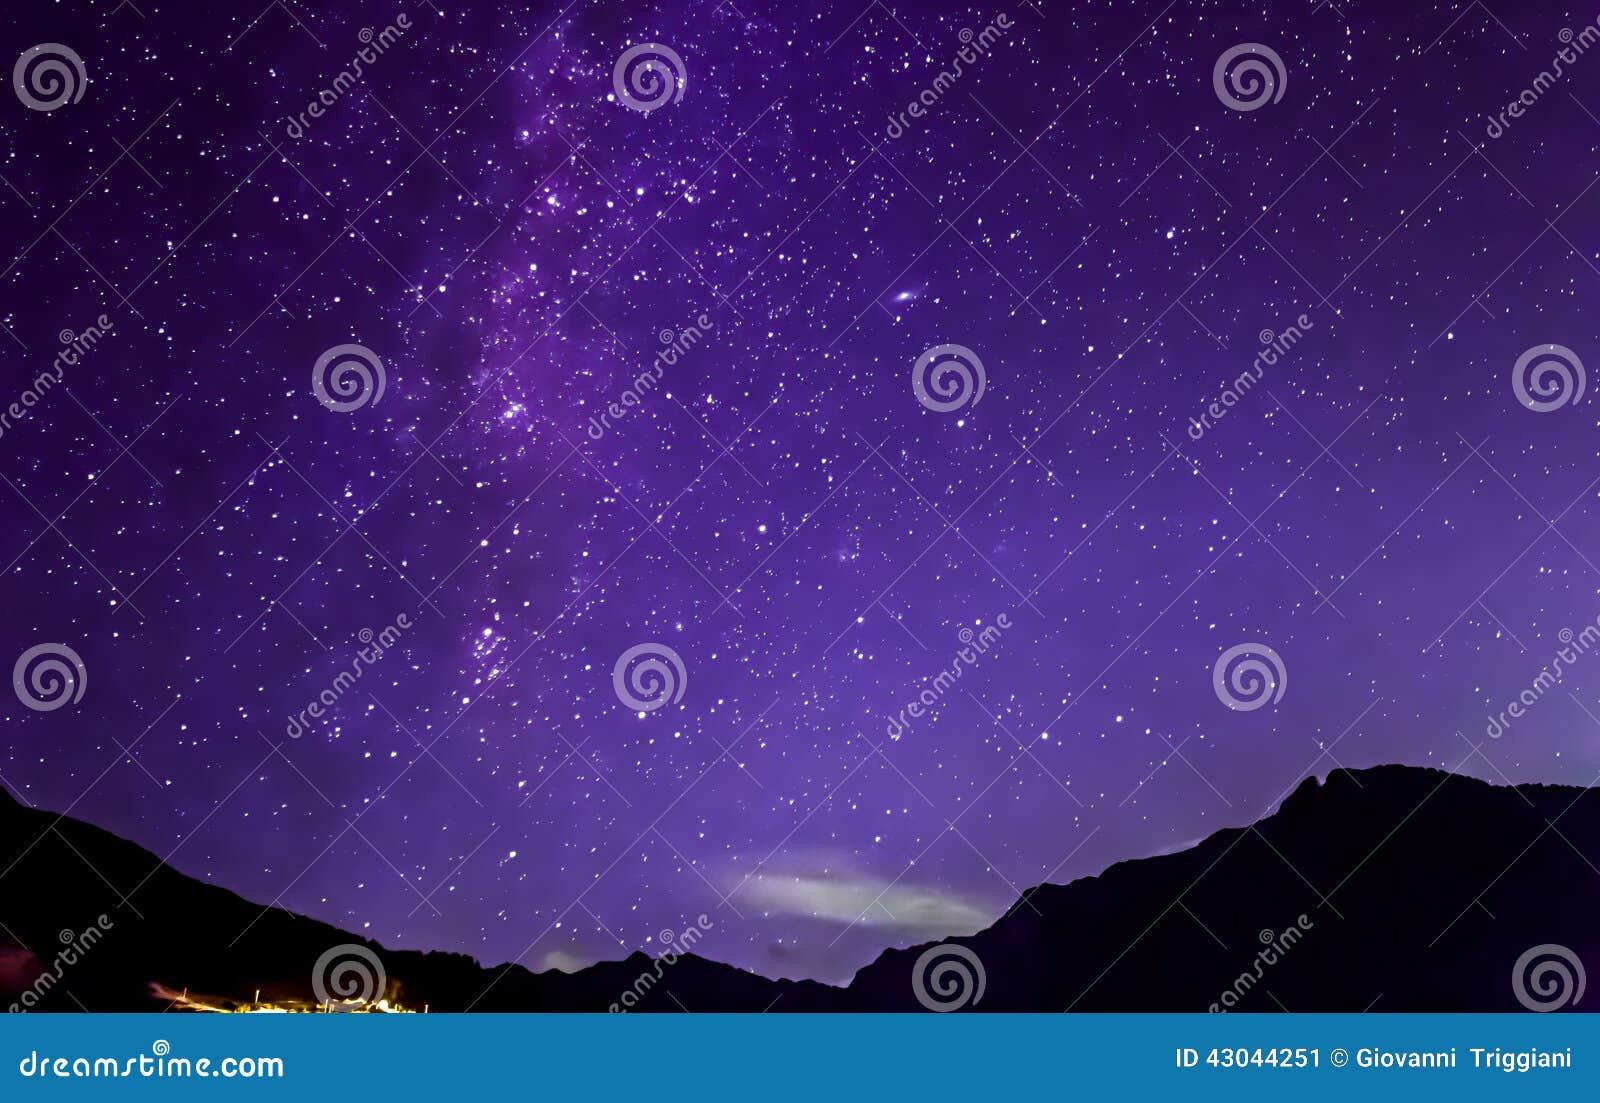 Purple night sky stars. Milky way across mountains